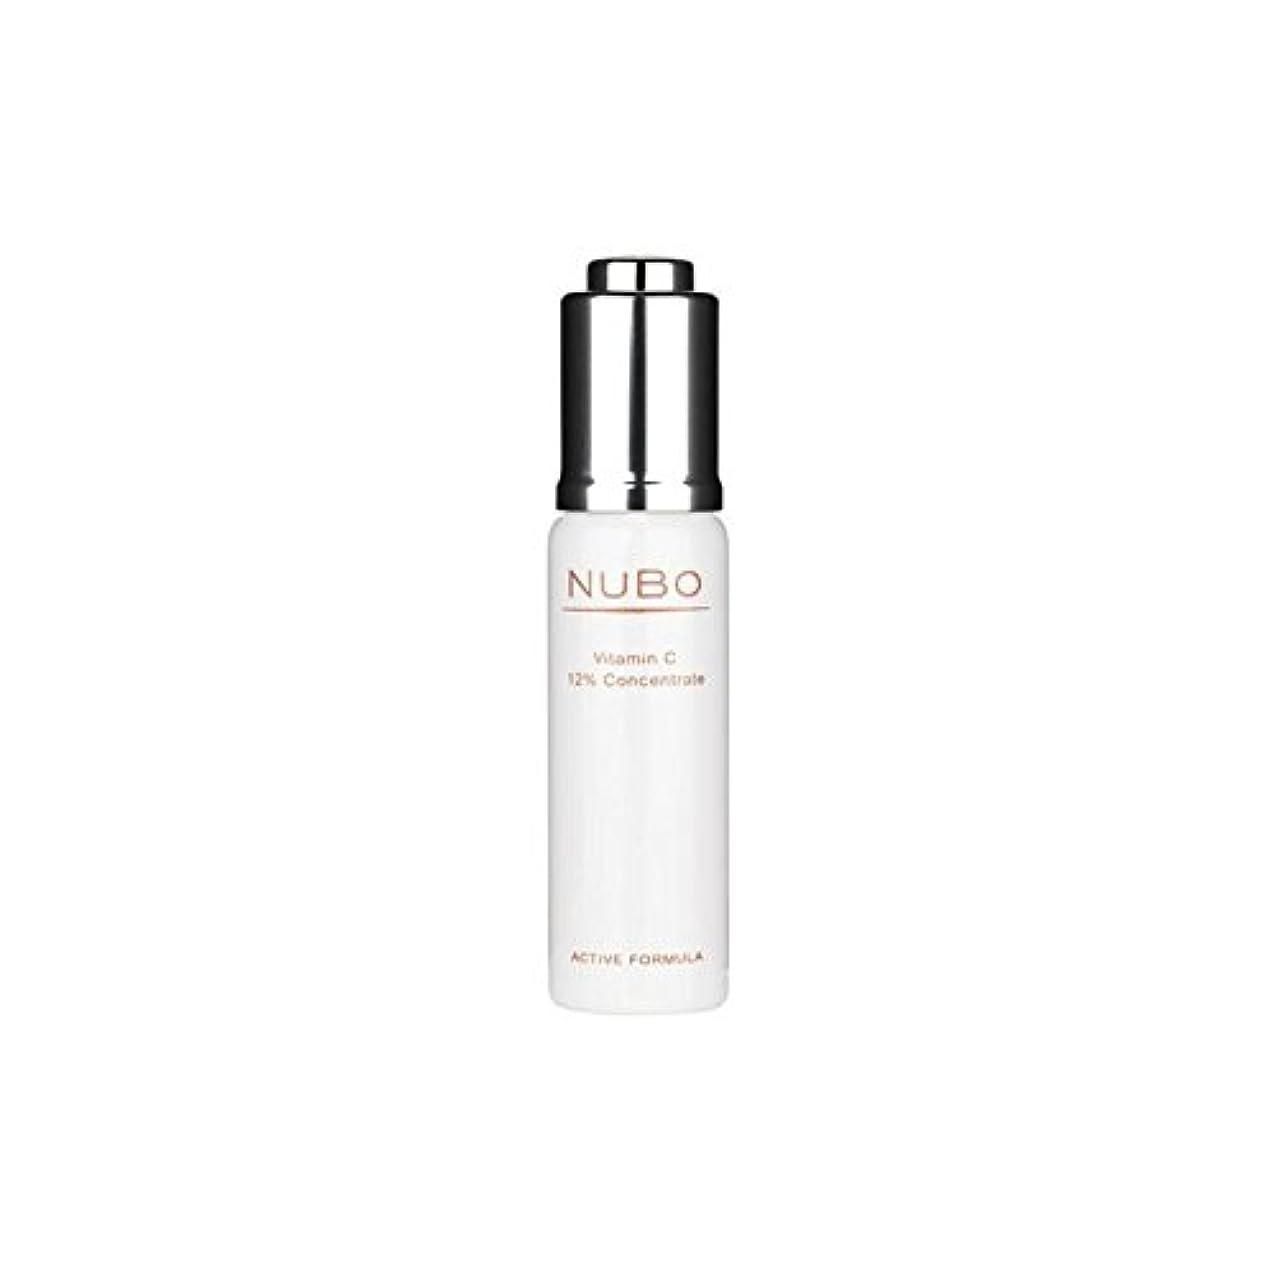 ロック解除支援聞くNubo Vitamin C 12% Concentrate (15ml) (Pack of 6) - ビタミン 12%の濃縮物(15ミリリットル) x6 [並行輸入品]